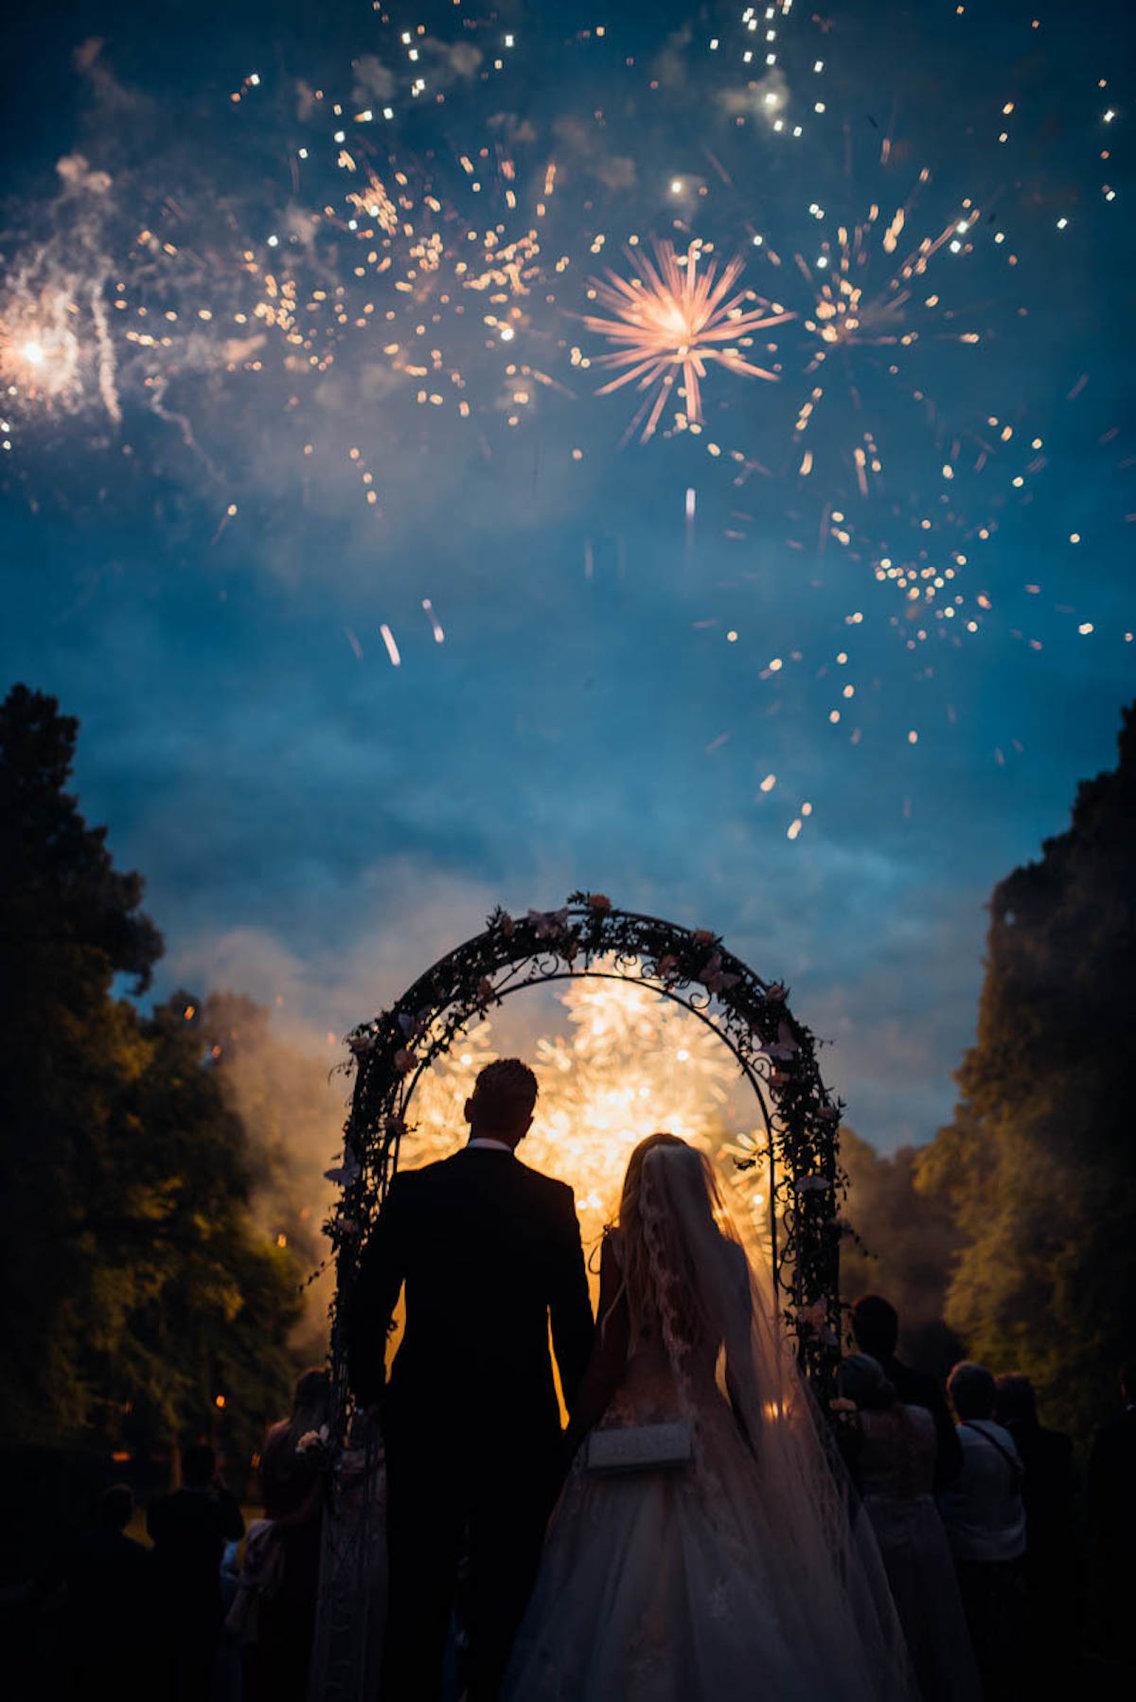 Самый счастливый день: лучшие свадебные фотографии 2017 года Самый счастливый день: лучшие свадебные фотографии 2017 года 5a981a48aae6051e008b46aa 1136 1702